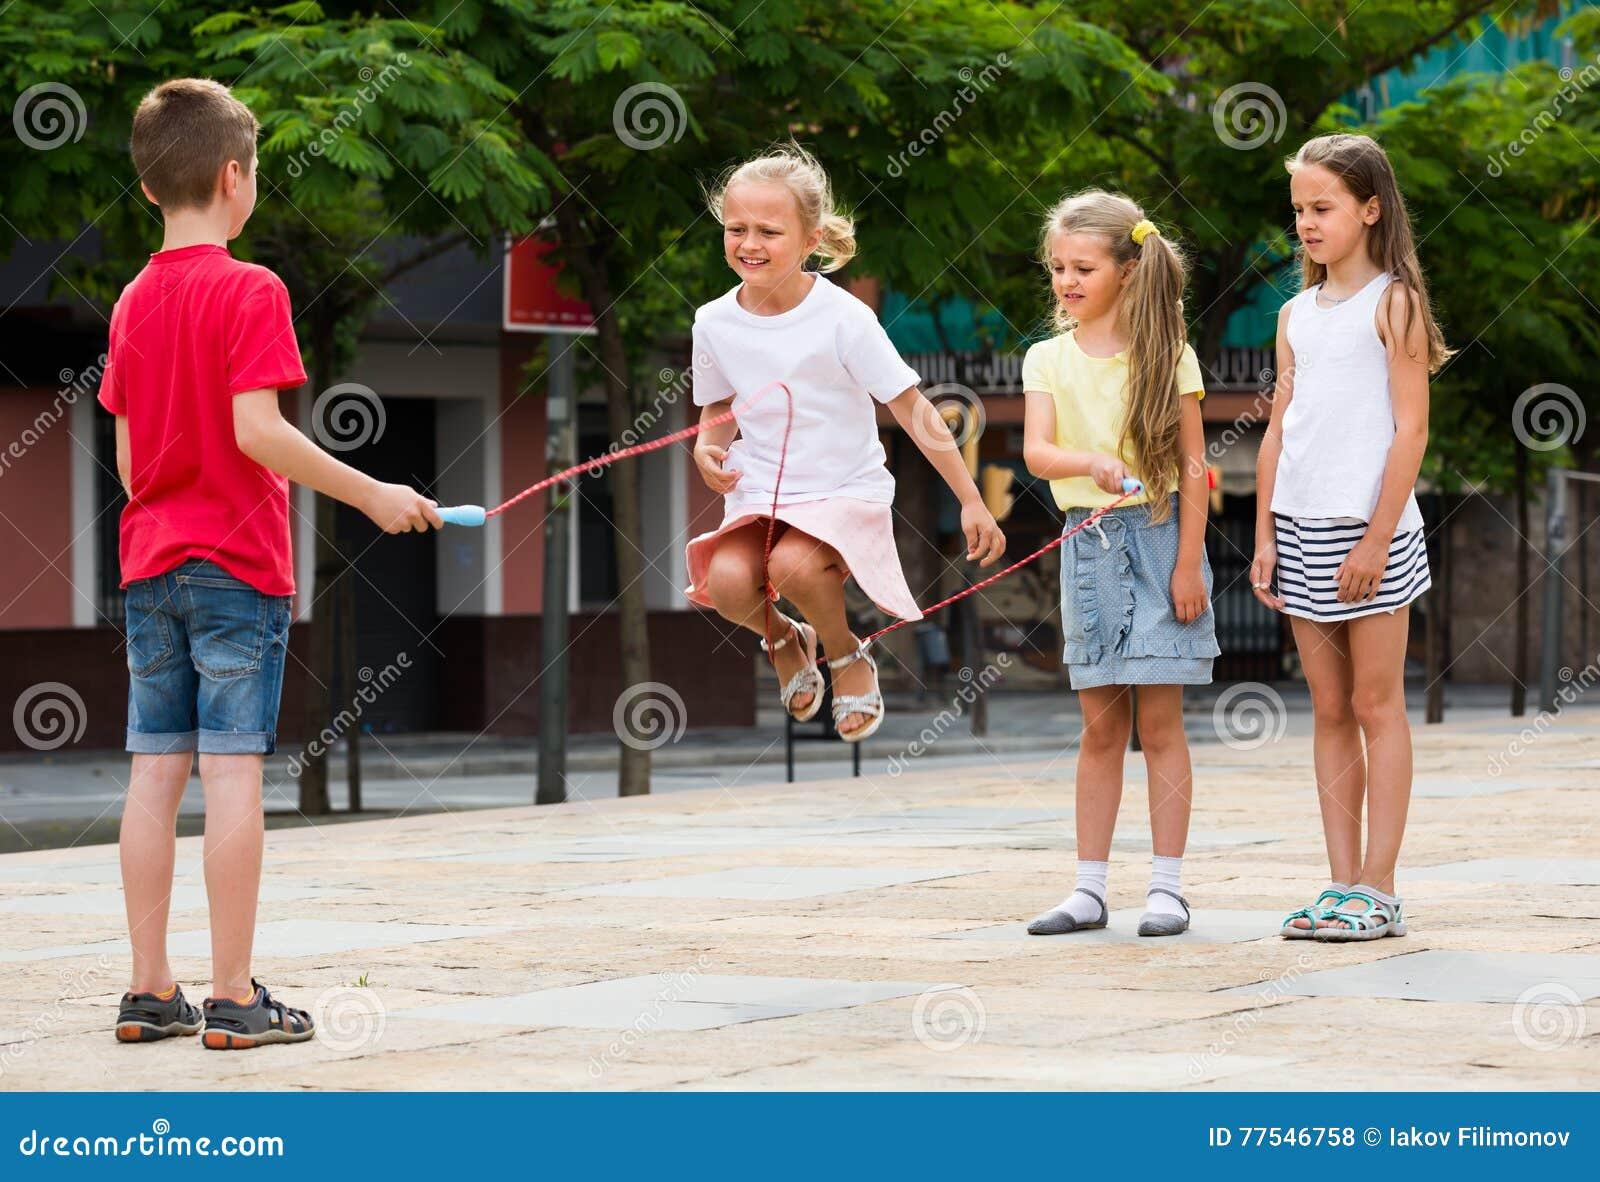 enfants avec la corde sauter au terrain de jeu photo stock image du jardin lifestyle 77546758. Black Bedroom Furniture Sets. Home Design Ideas